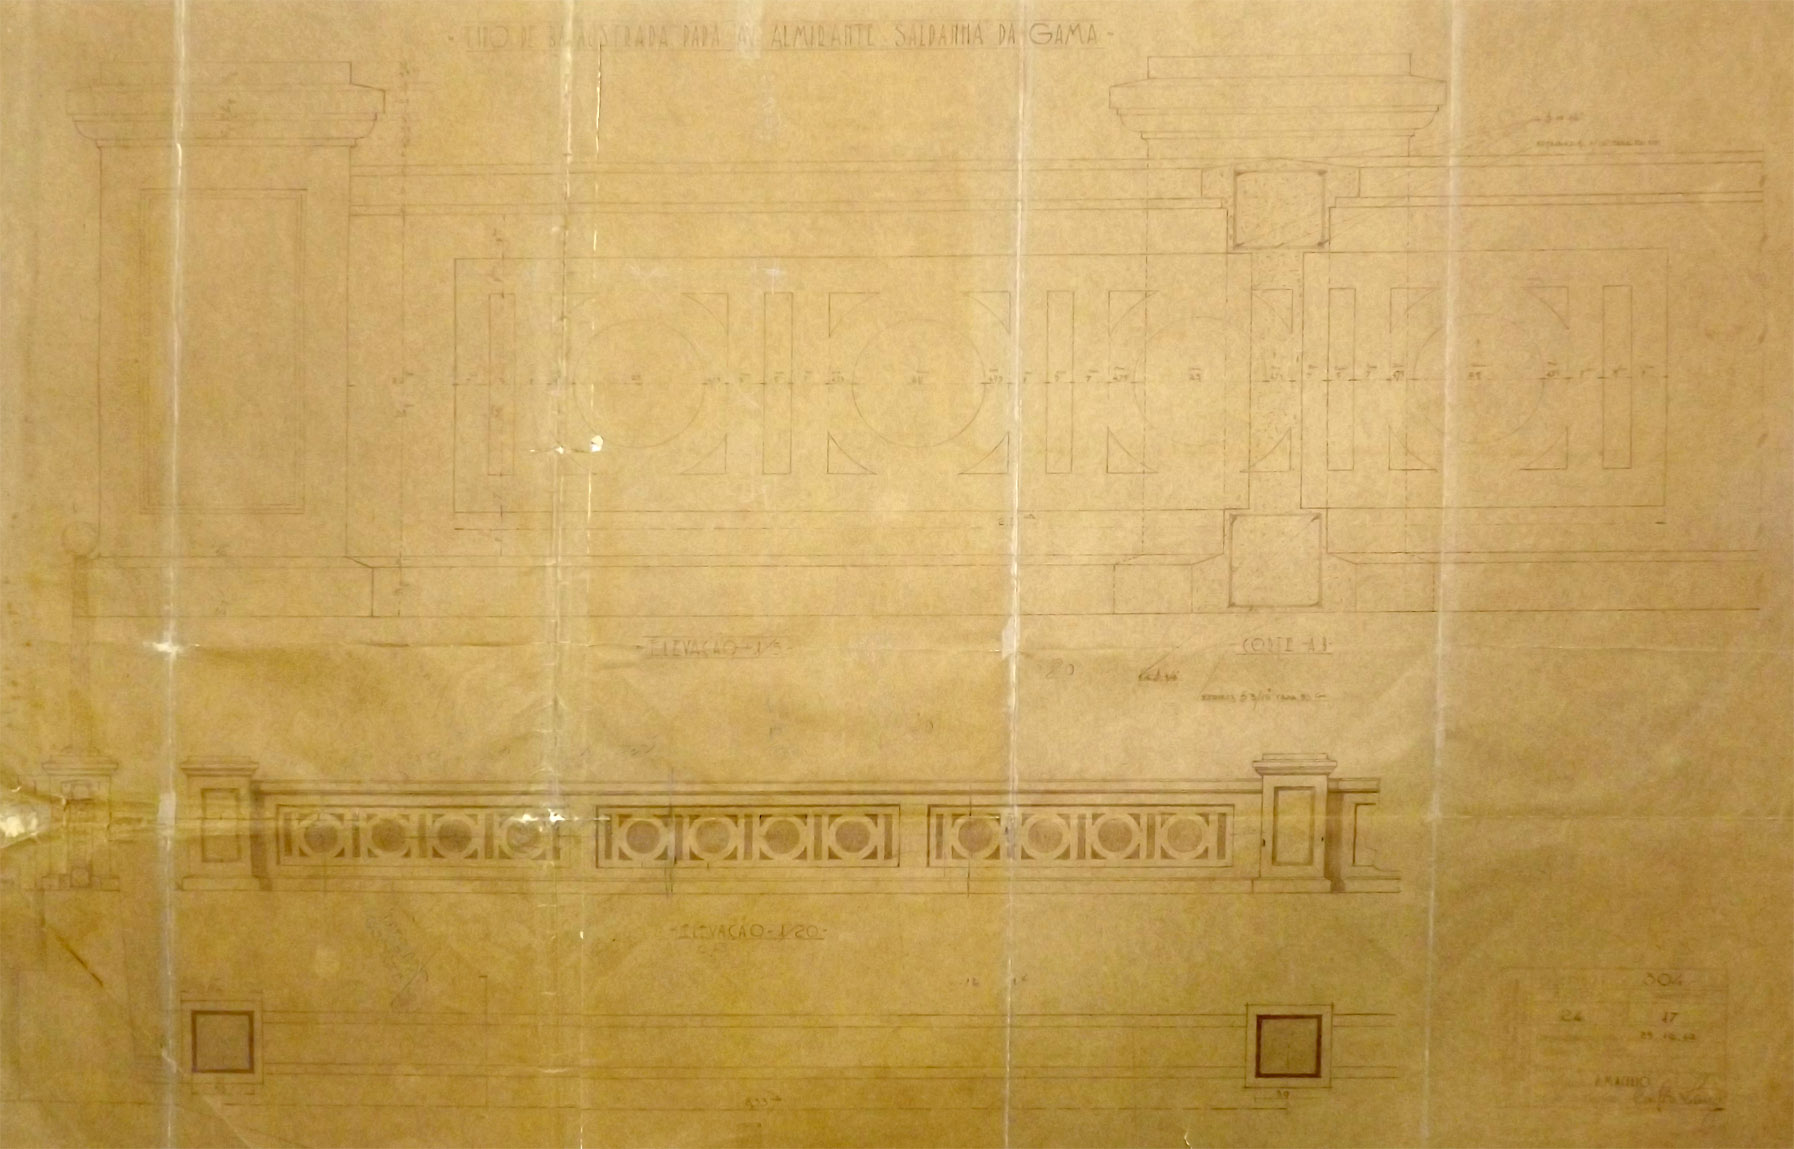 Primeiro projeto da mureta de canal (Balaustrada da Avenida Almirante Saldanha da Gama).